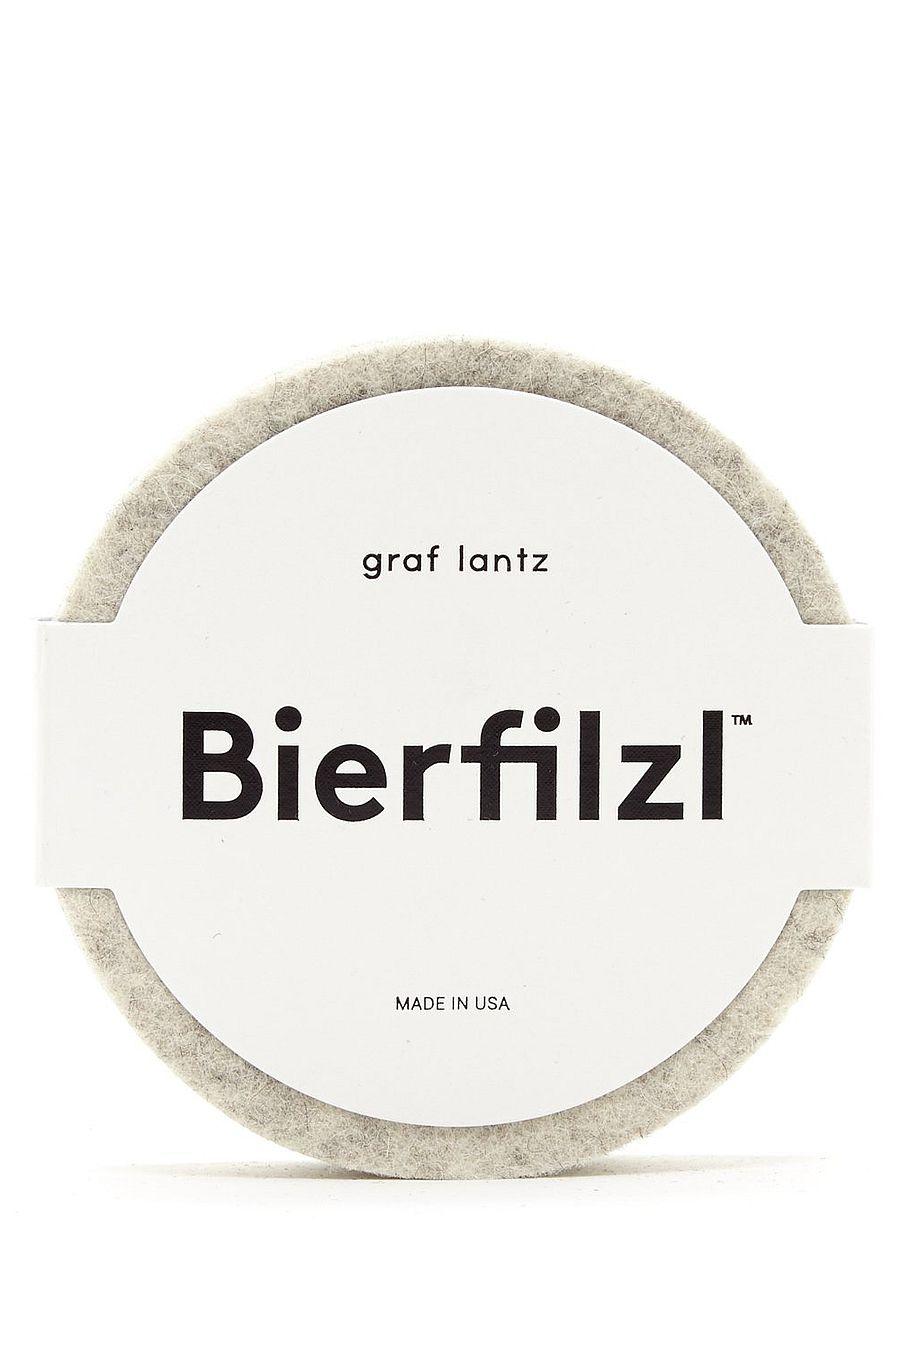 Graf Lantz Bierfilzl Round Felt Coaster - Earth